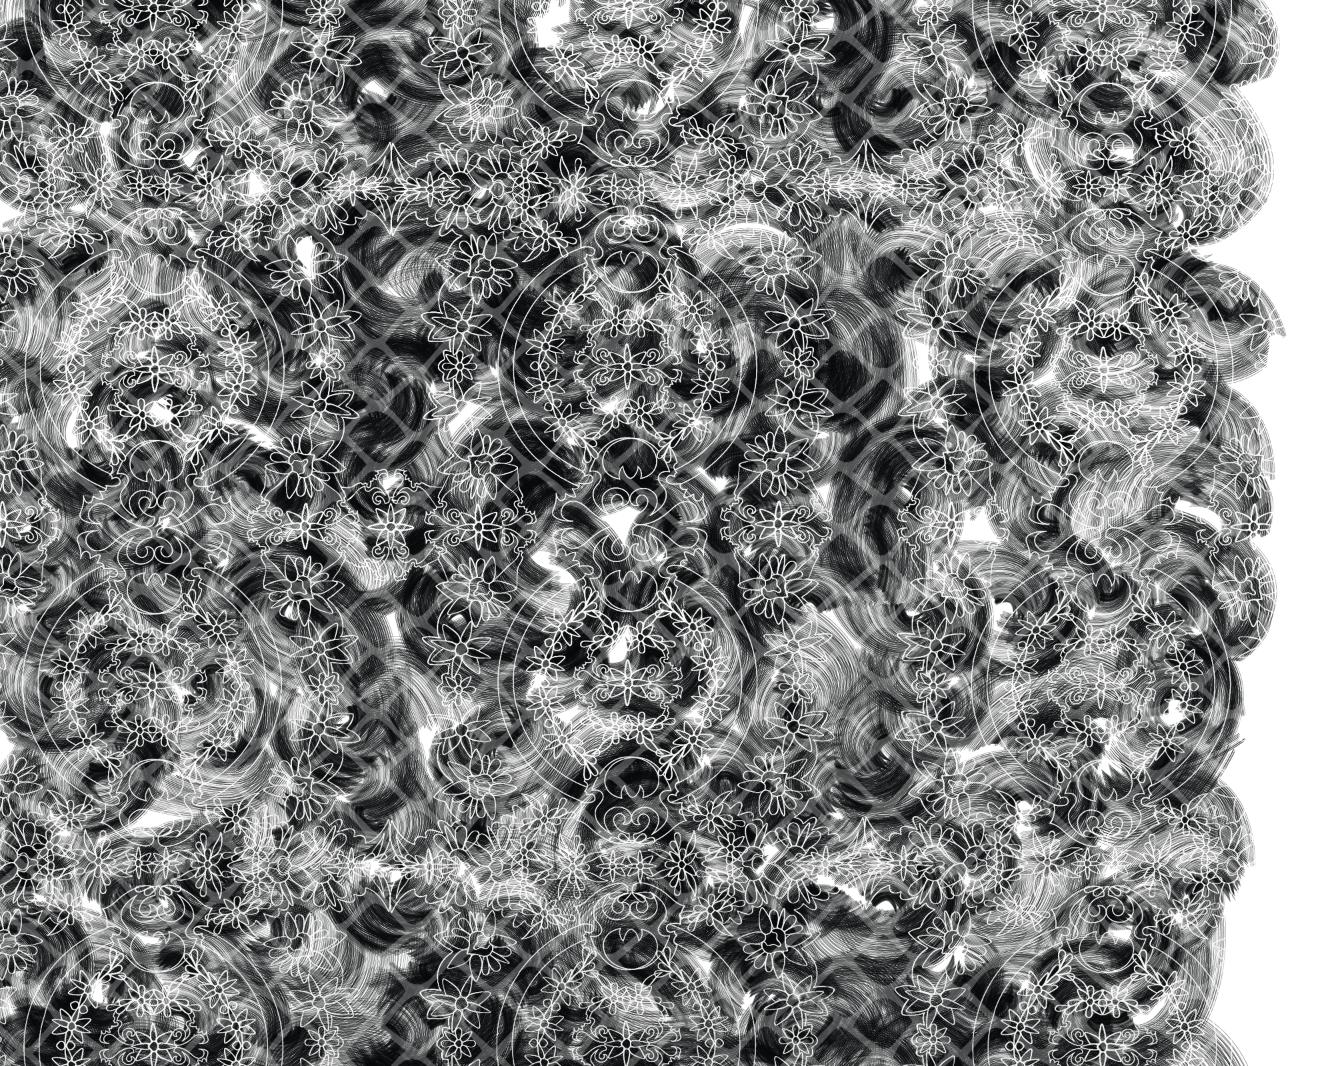 Carnivorous, Light (detail)